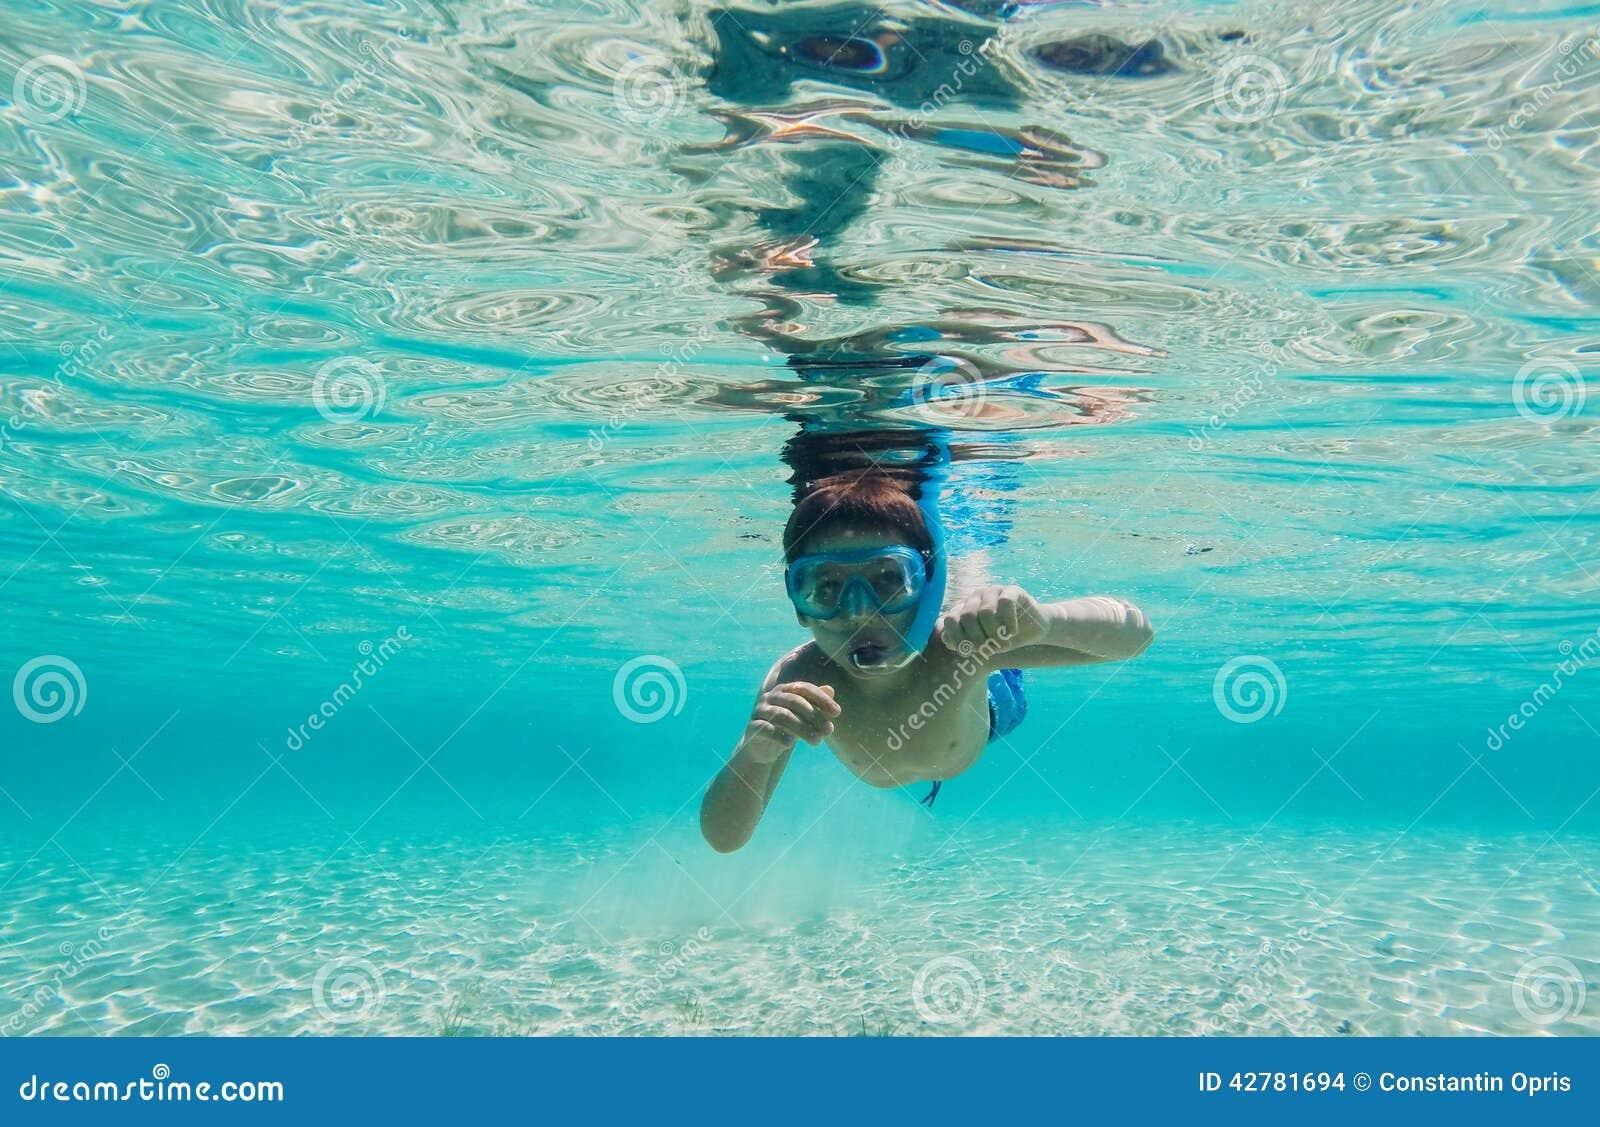 Underwater nature study